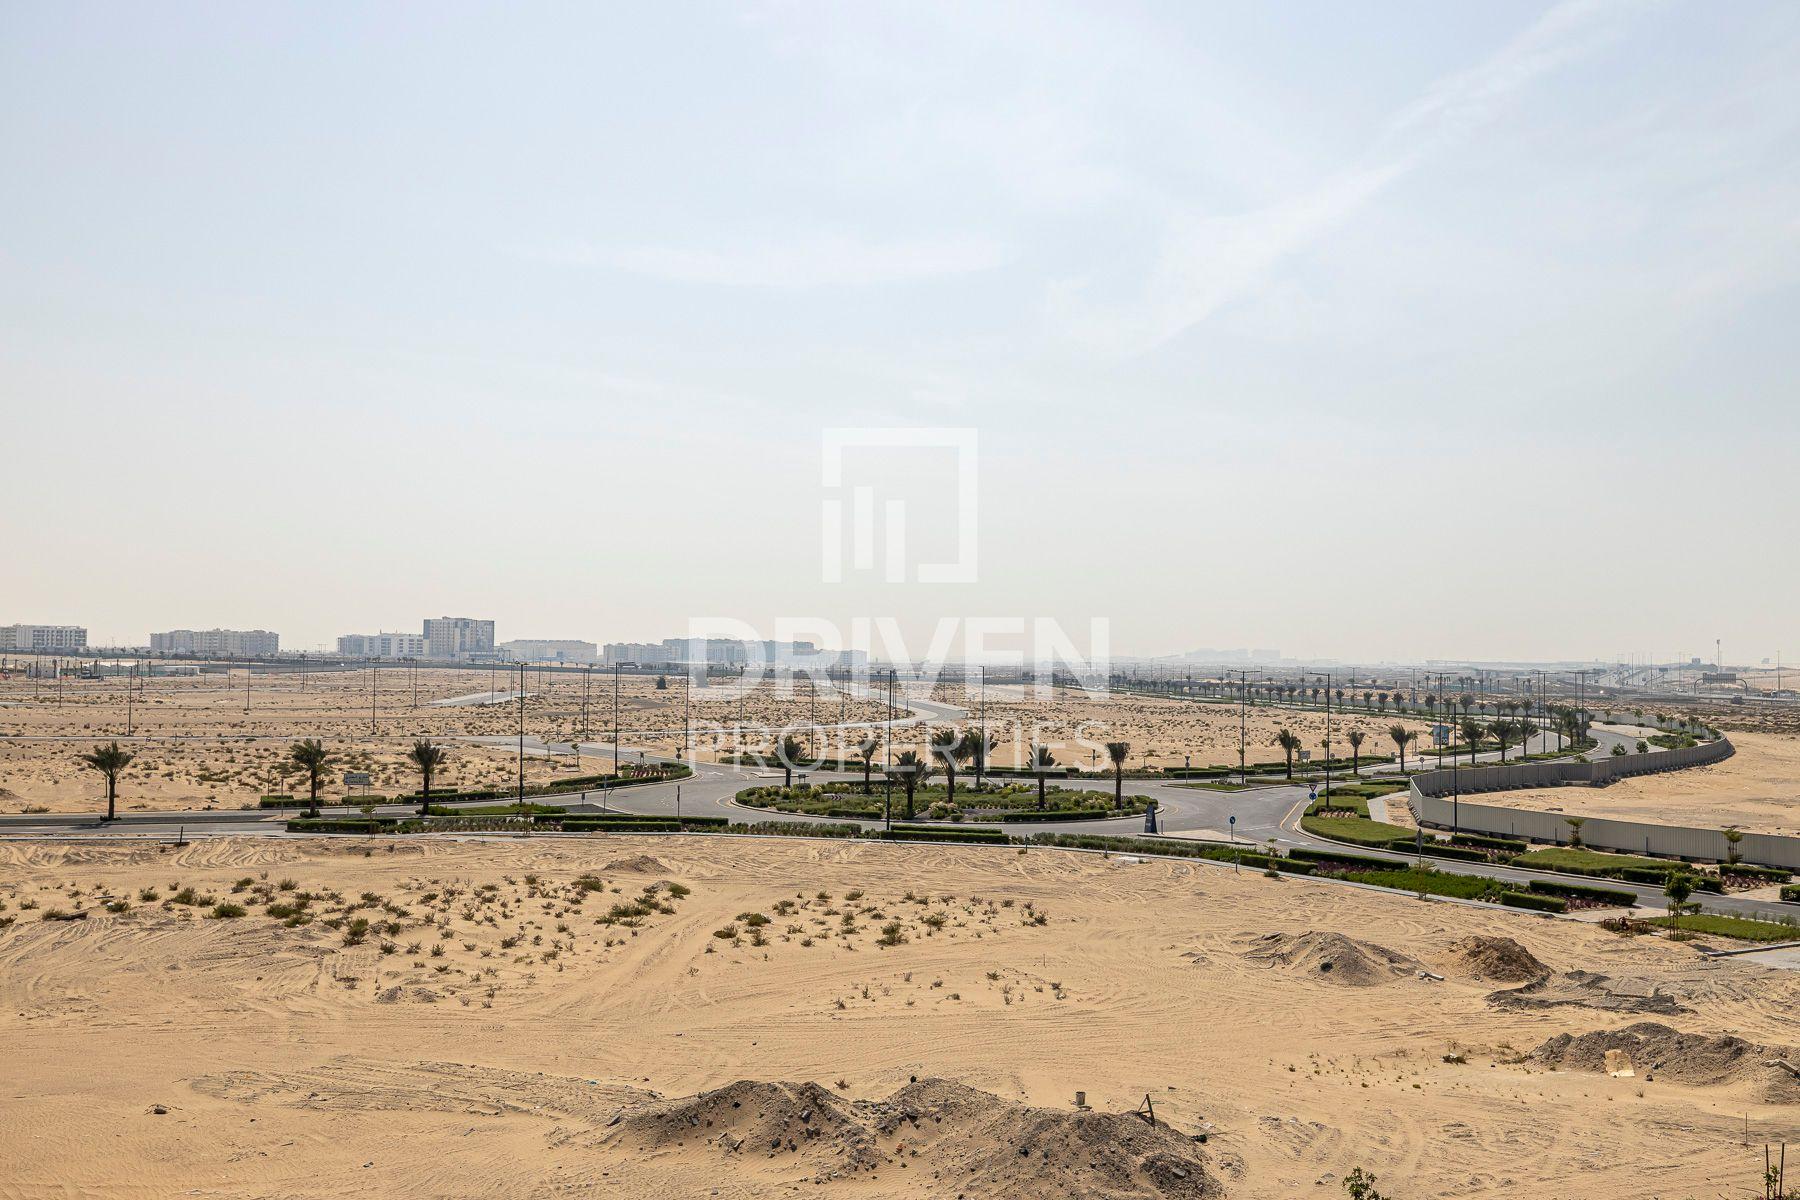 للبيع - ستوديو - ماج 515 - دبي الجنوب (مركز دبي العالمي)